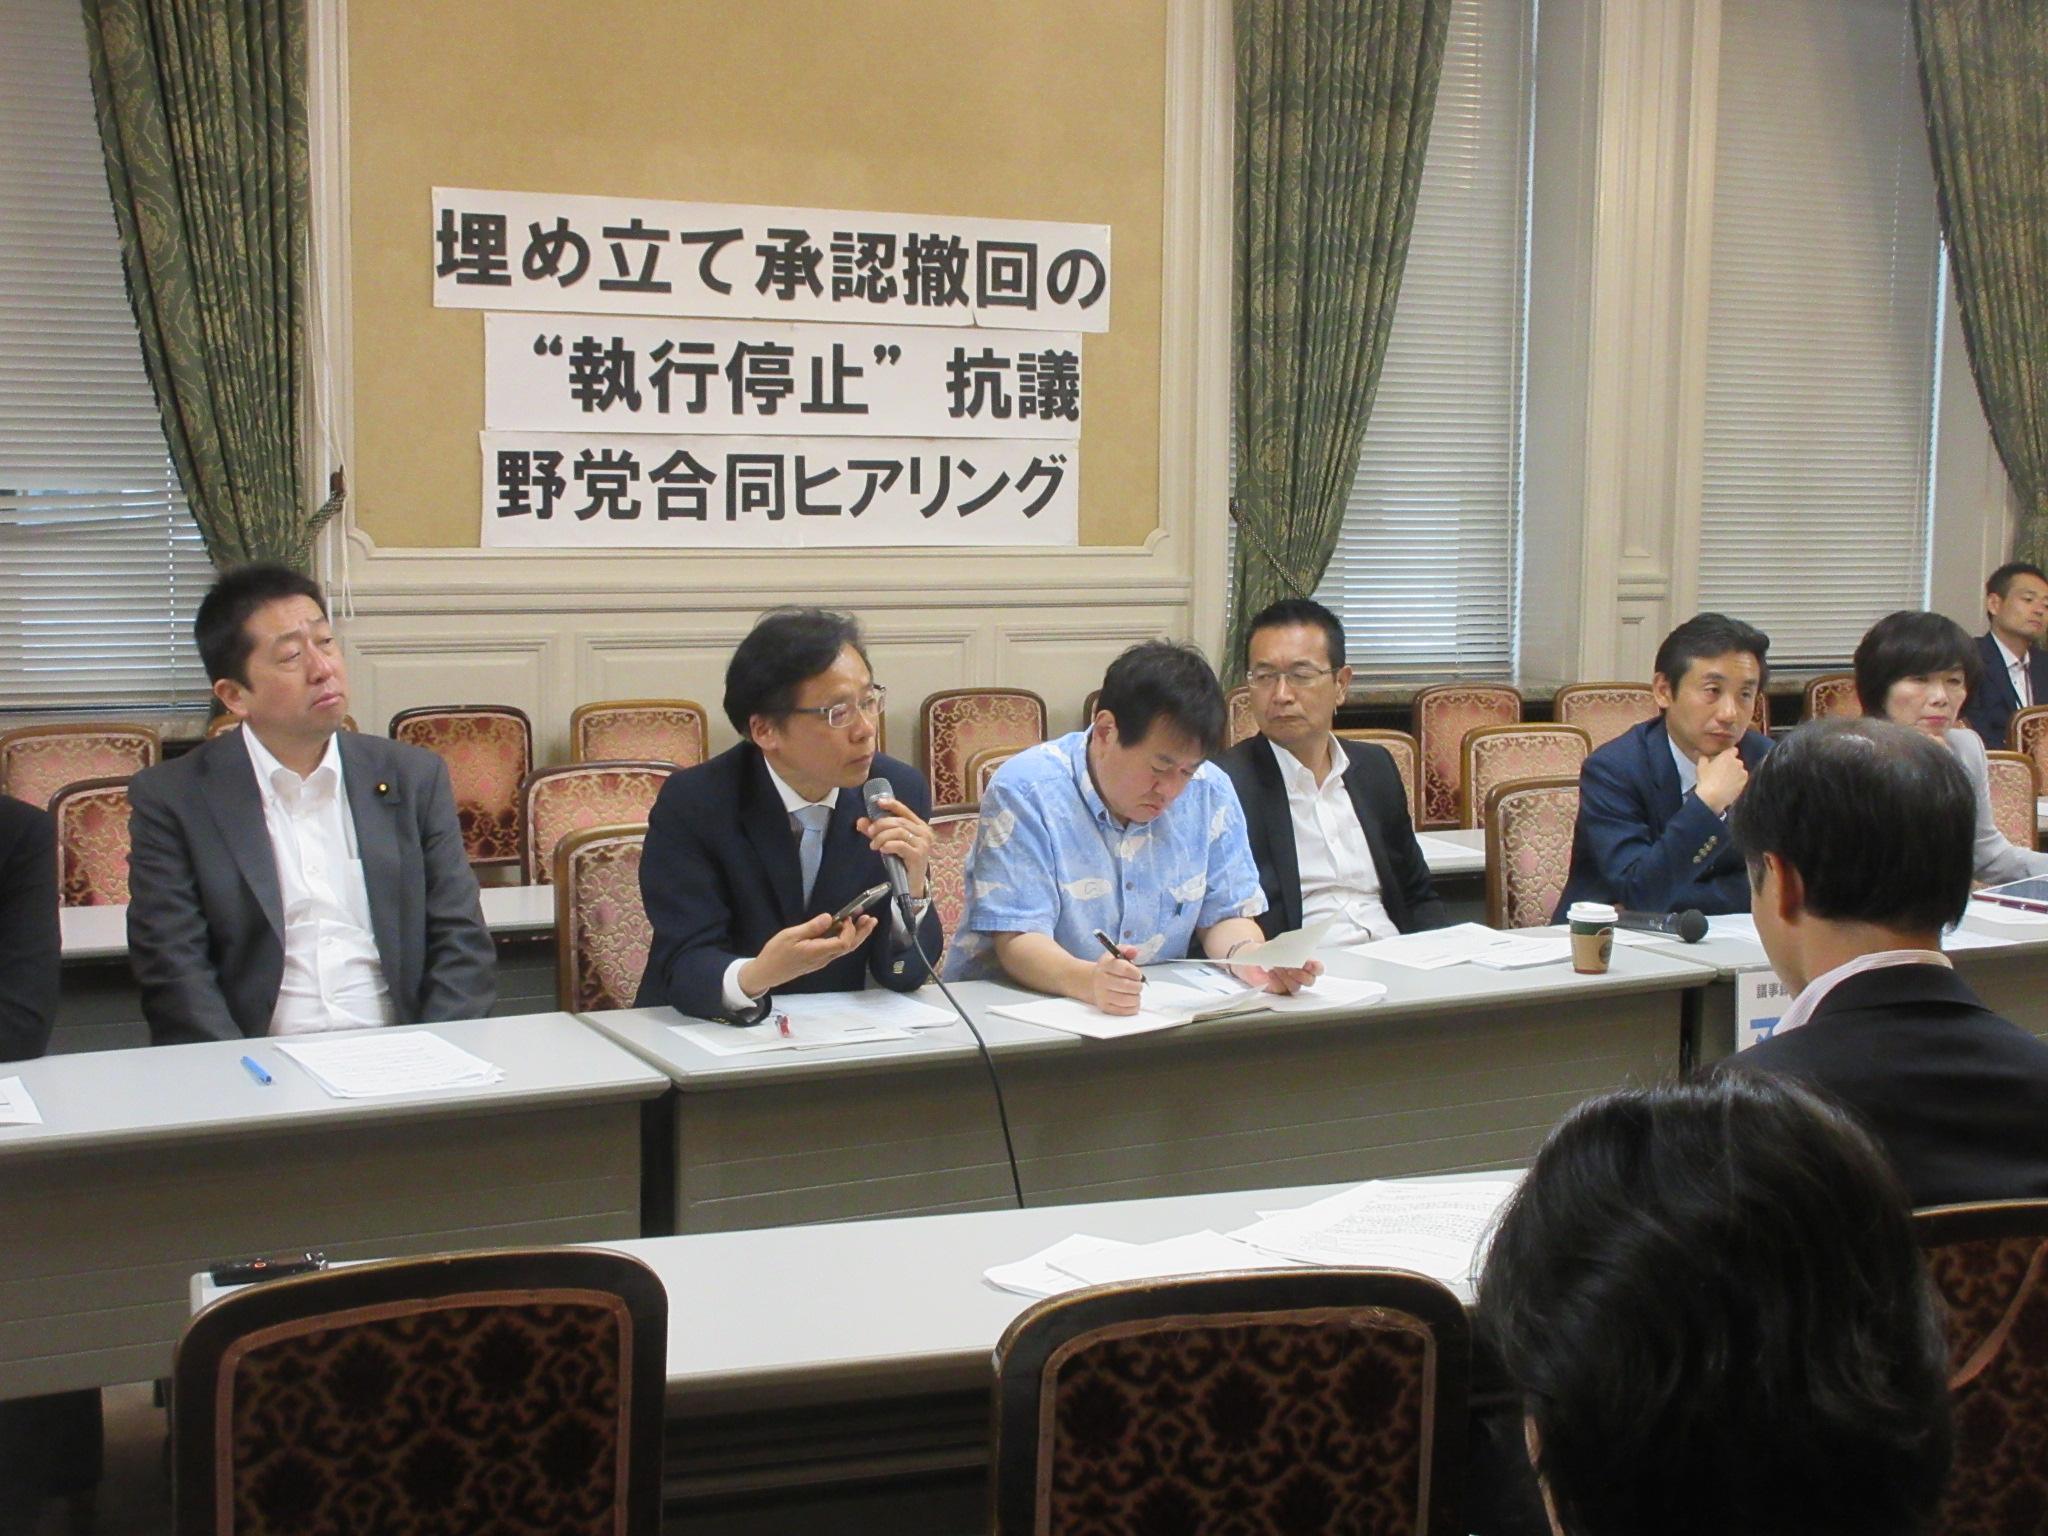 http://www.inoue-satoshi.com/diary/IMG_9501.JPG